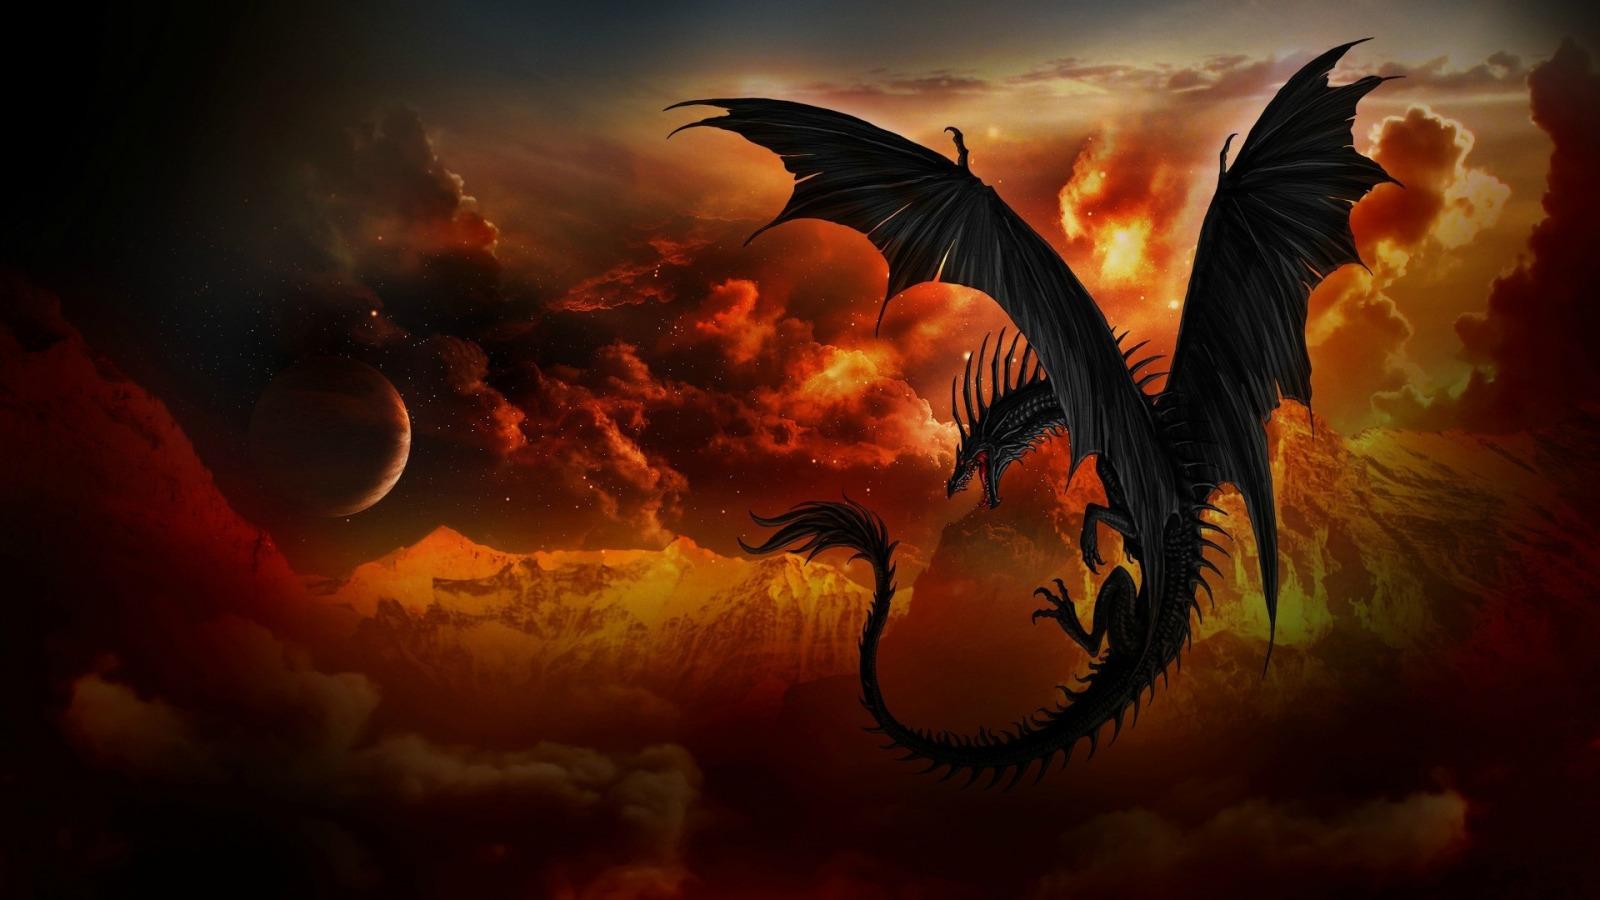 Картинки с драконом на рабочий стол